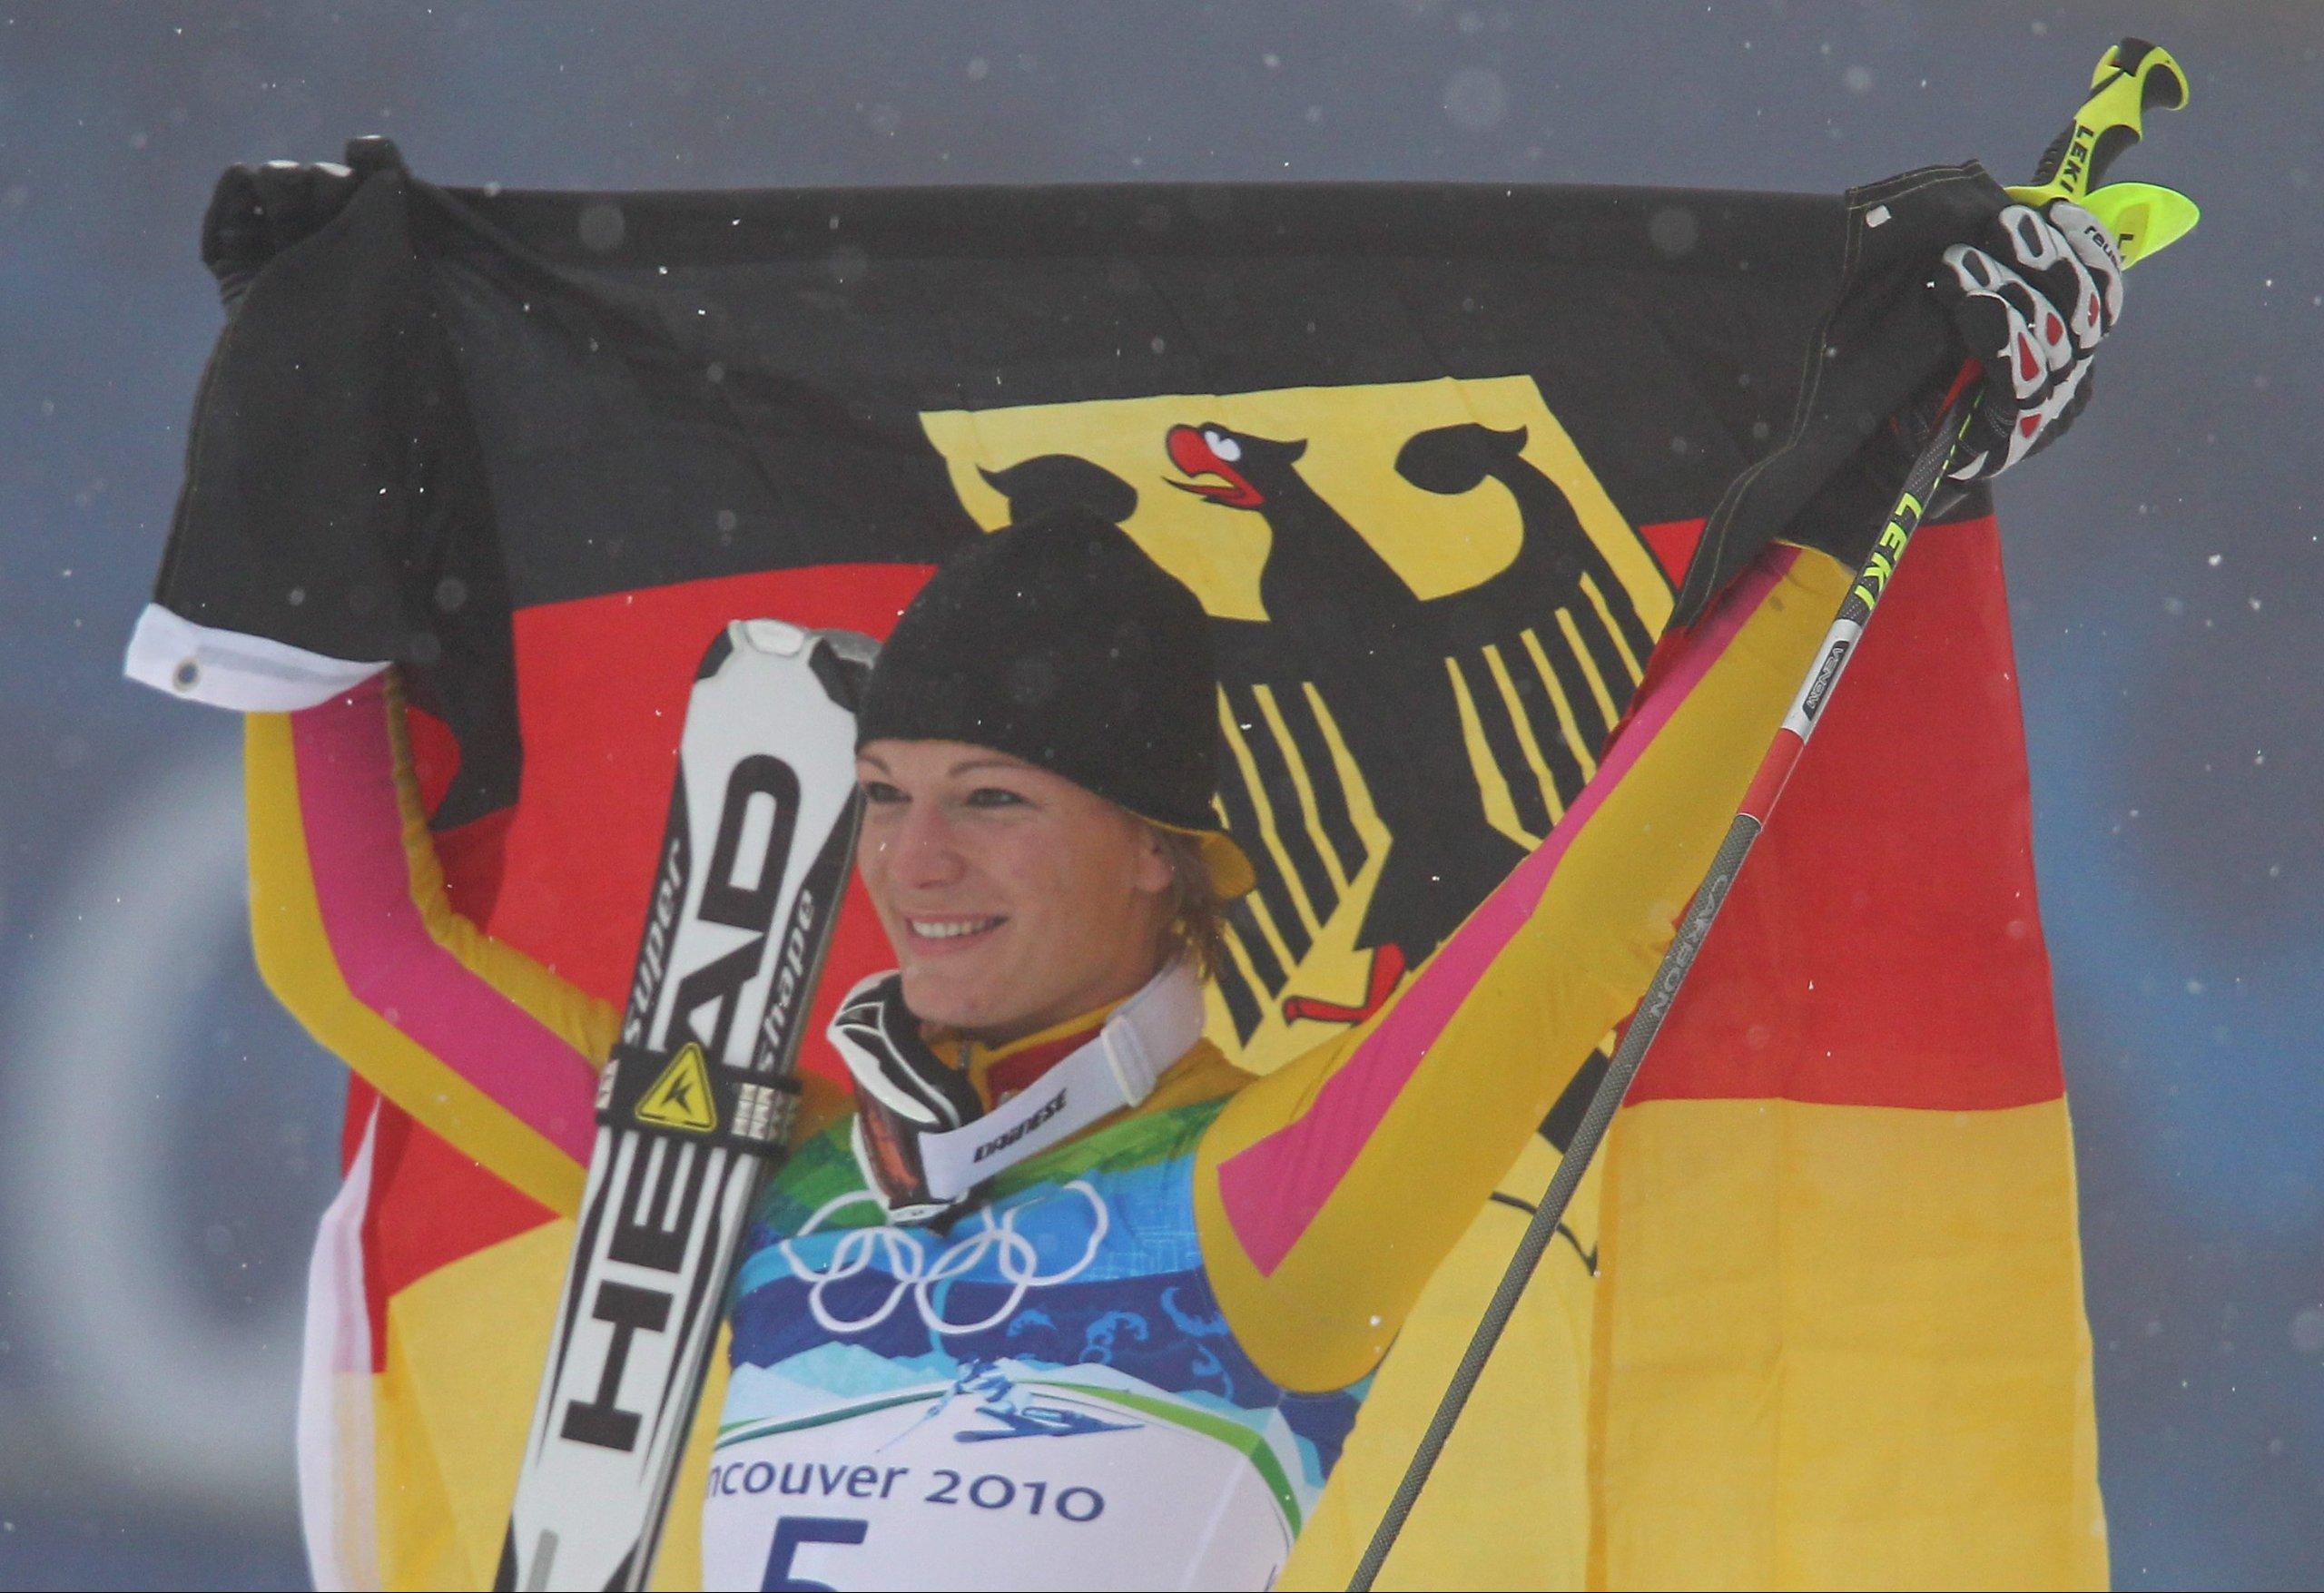 2. Gold für Maria Riesch - Aus für Susi im Slalom